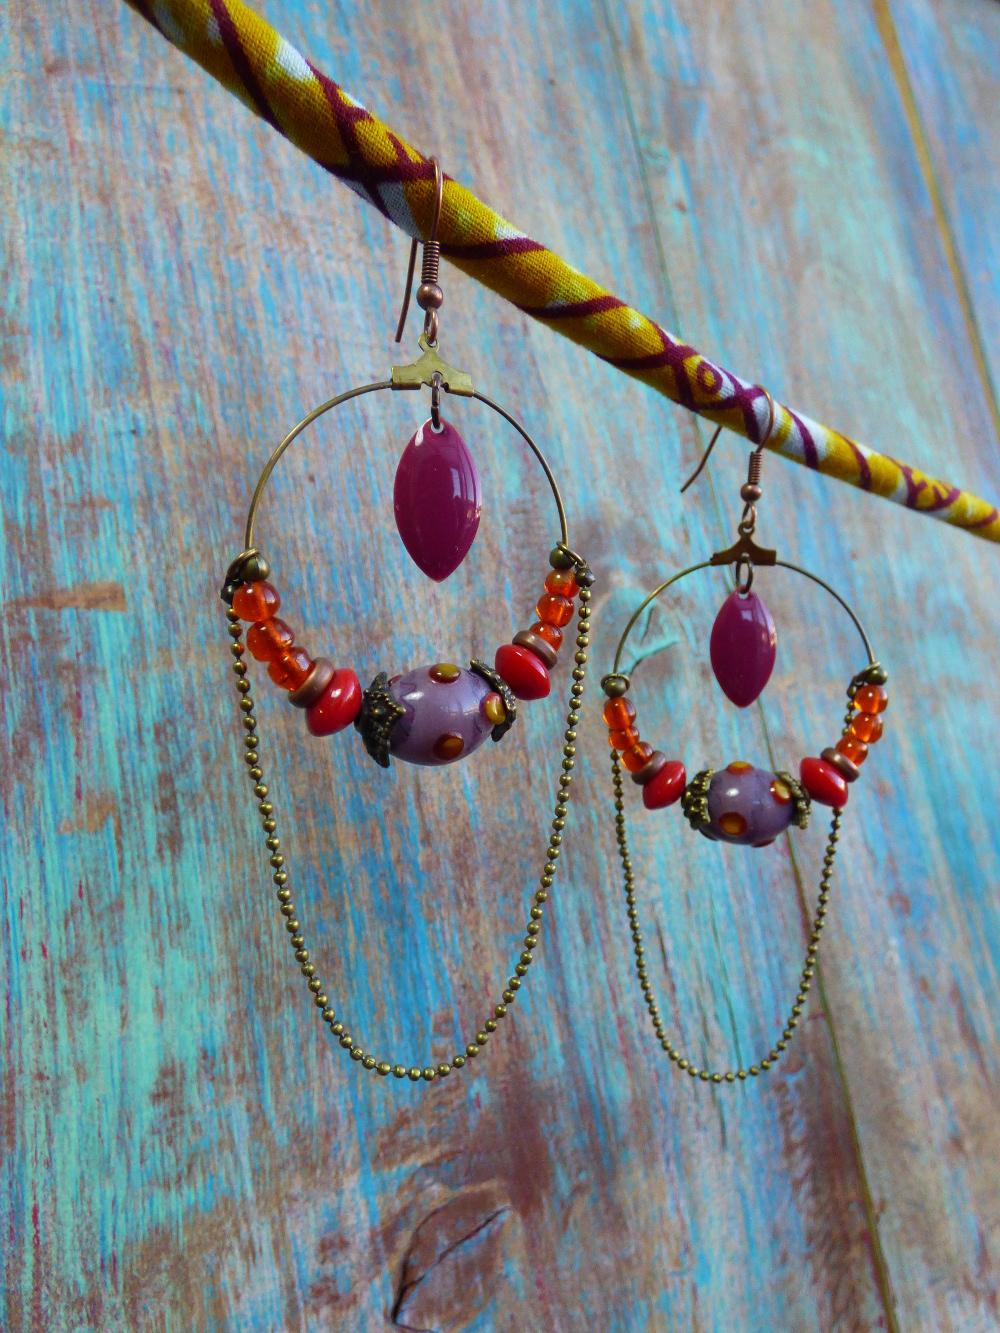 Boucles d'oreilles créoles ethniques bronze à perles indiennes, sequins émaillés et chaîne à bille.